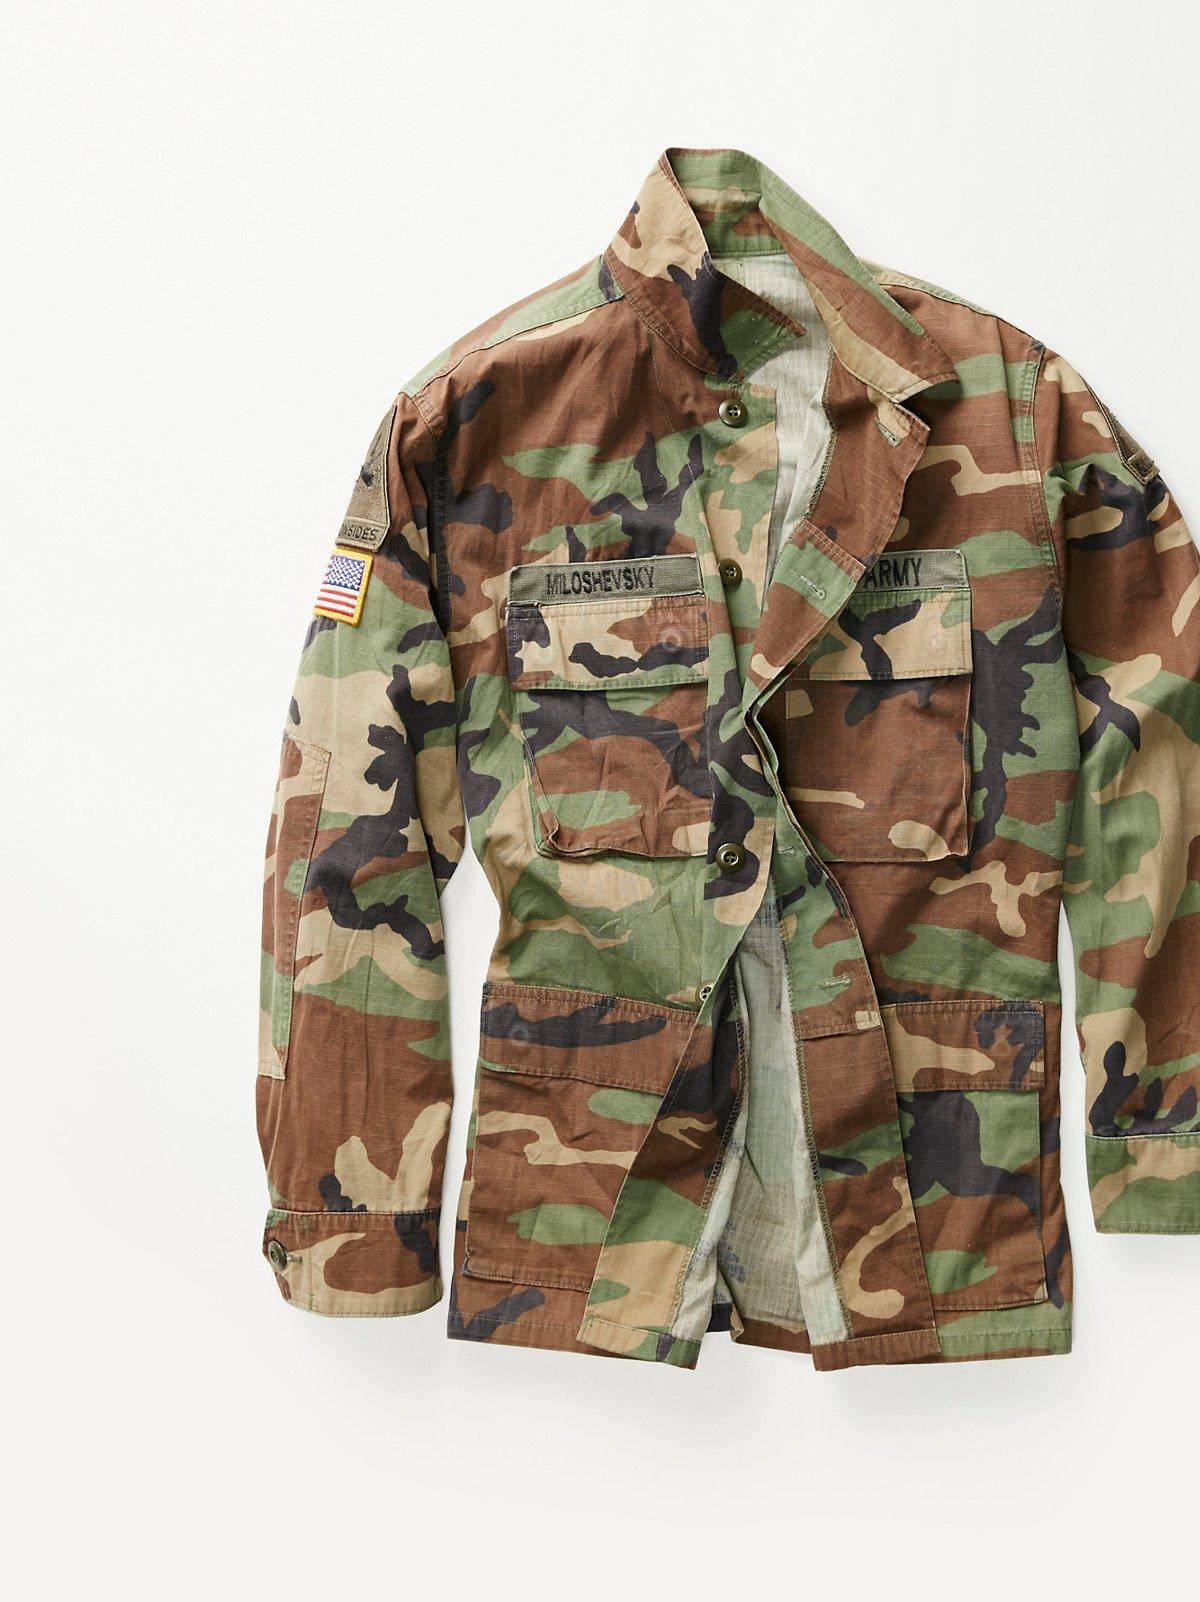 Vintage 1990s Army Jacket